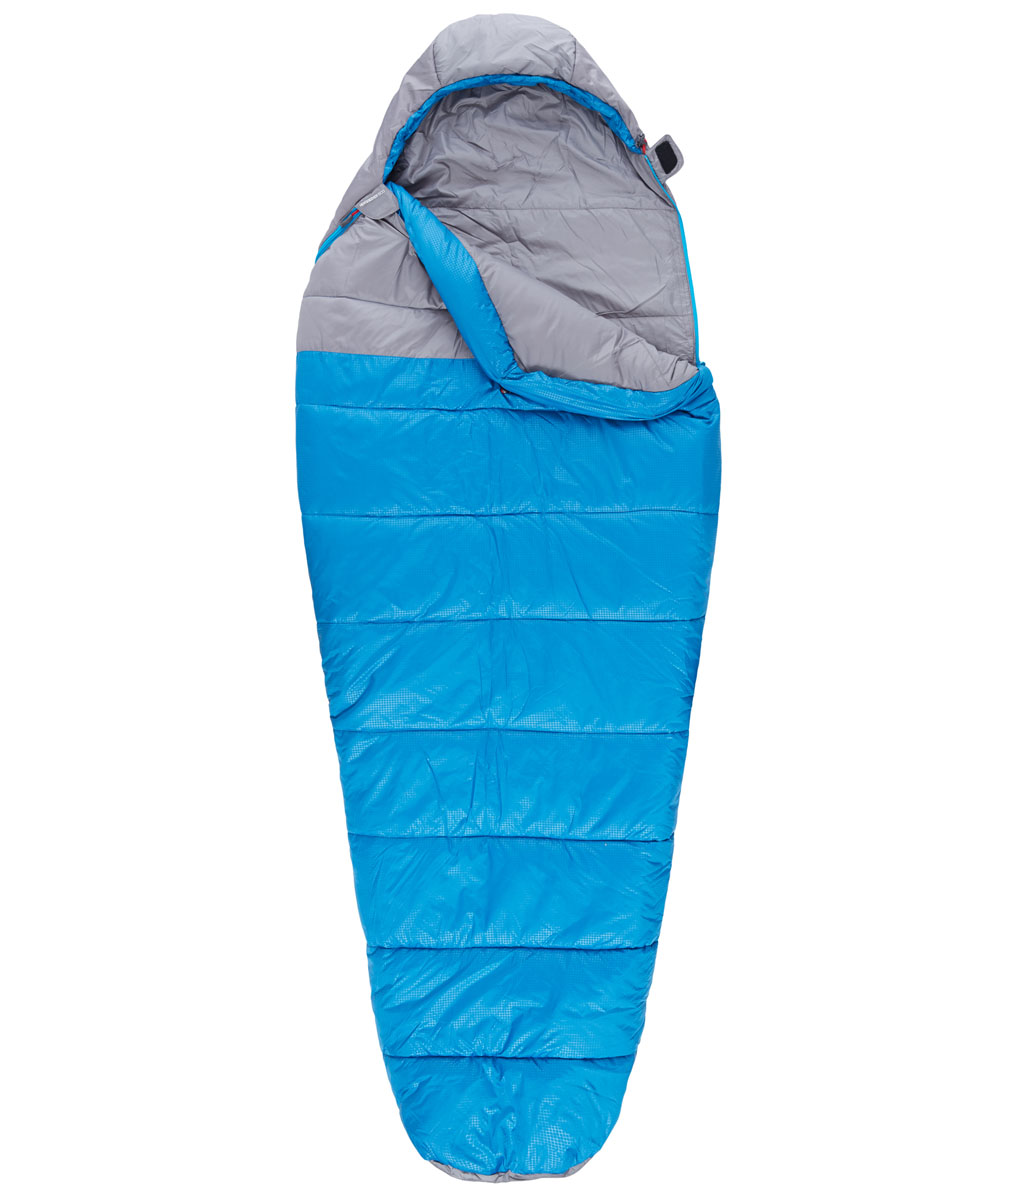 Спальный мешок The North Face Aleutian 20/-7, цвет: синий. T0A3A0M8RLH REGKOC-H19-LEDCпальный мешок The North Face Aleutian 20/-7 прекрасно подойдет для путешествий, походов и рыбалки. Его можно целиком расстегнуть и расстелить в палатке. Мешок достаточно вместительный, универсальный, теплый и комфортный. Наружный и внешний слой выполнены из полиэстера. Он имеет:- капюшон,- внутренний карман,- отделение под подушку,- защита от закусывания молнии, - тепловой воротник,- тепловой валик молнии, - петли для сушки.